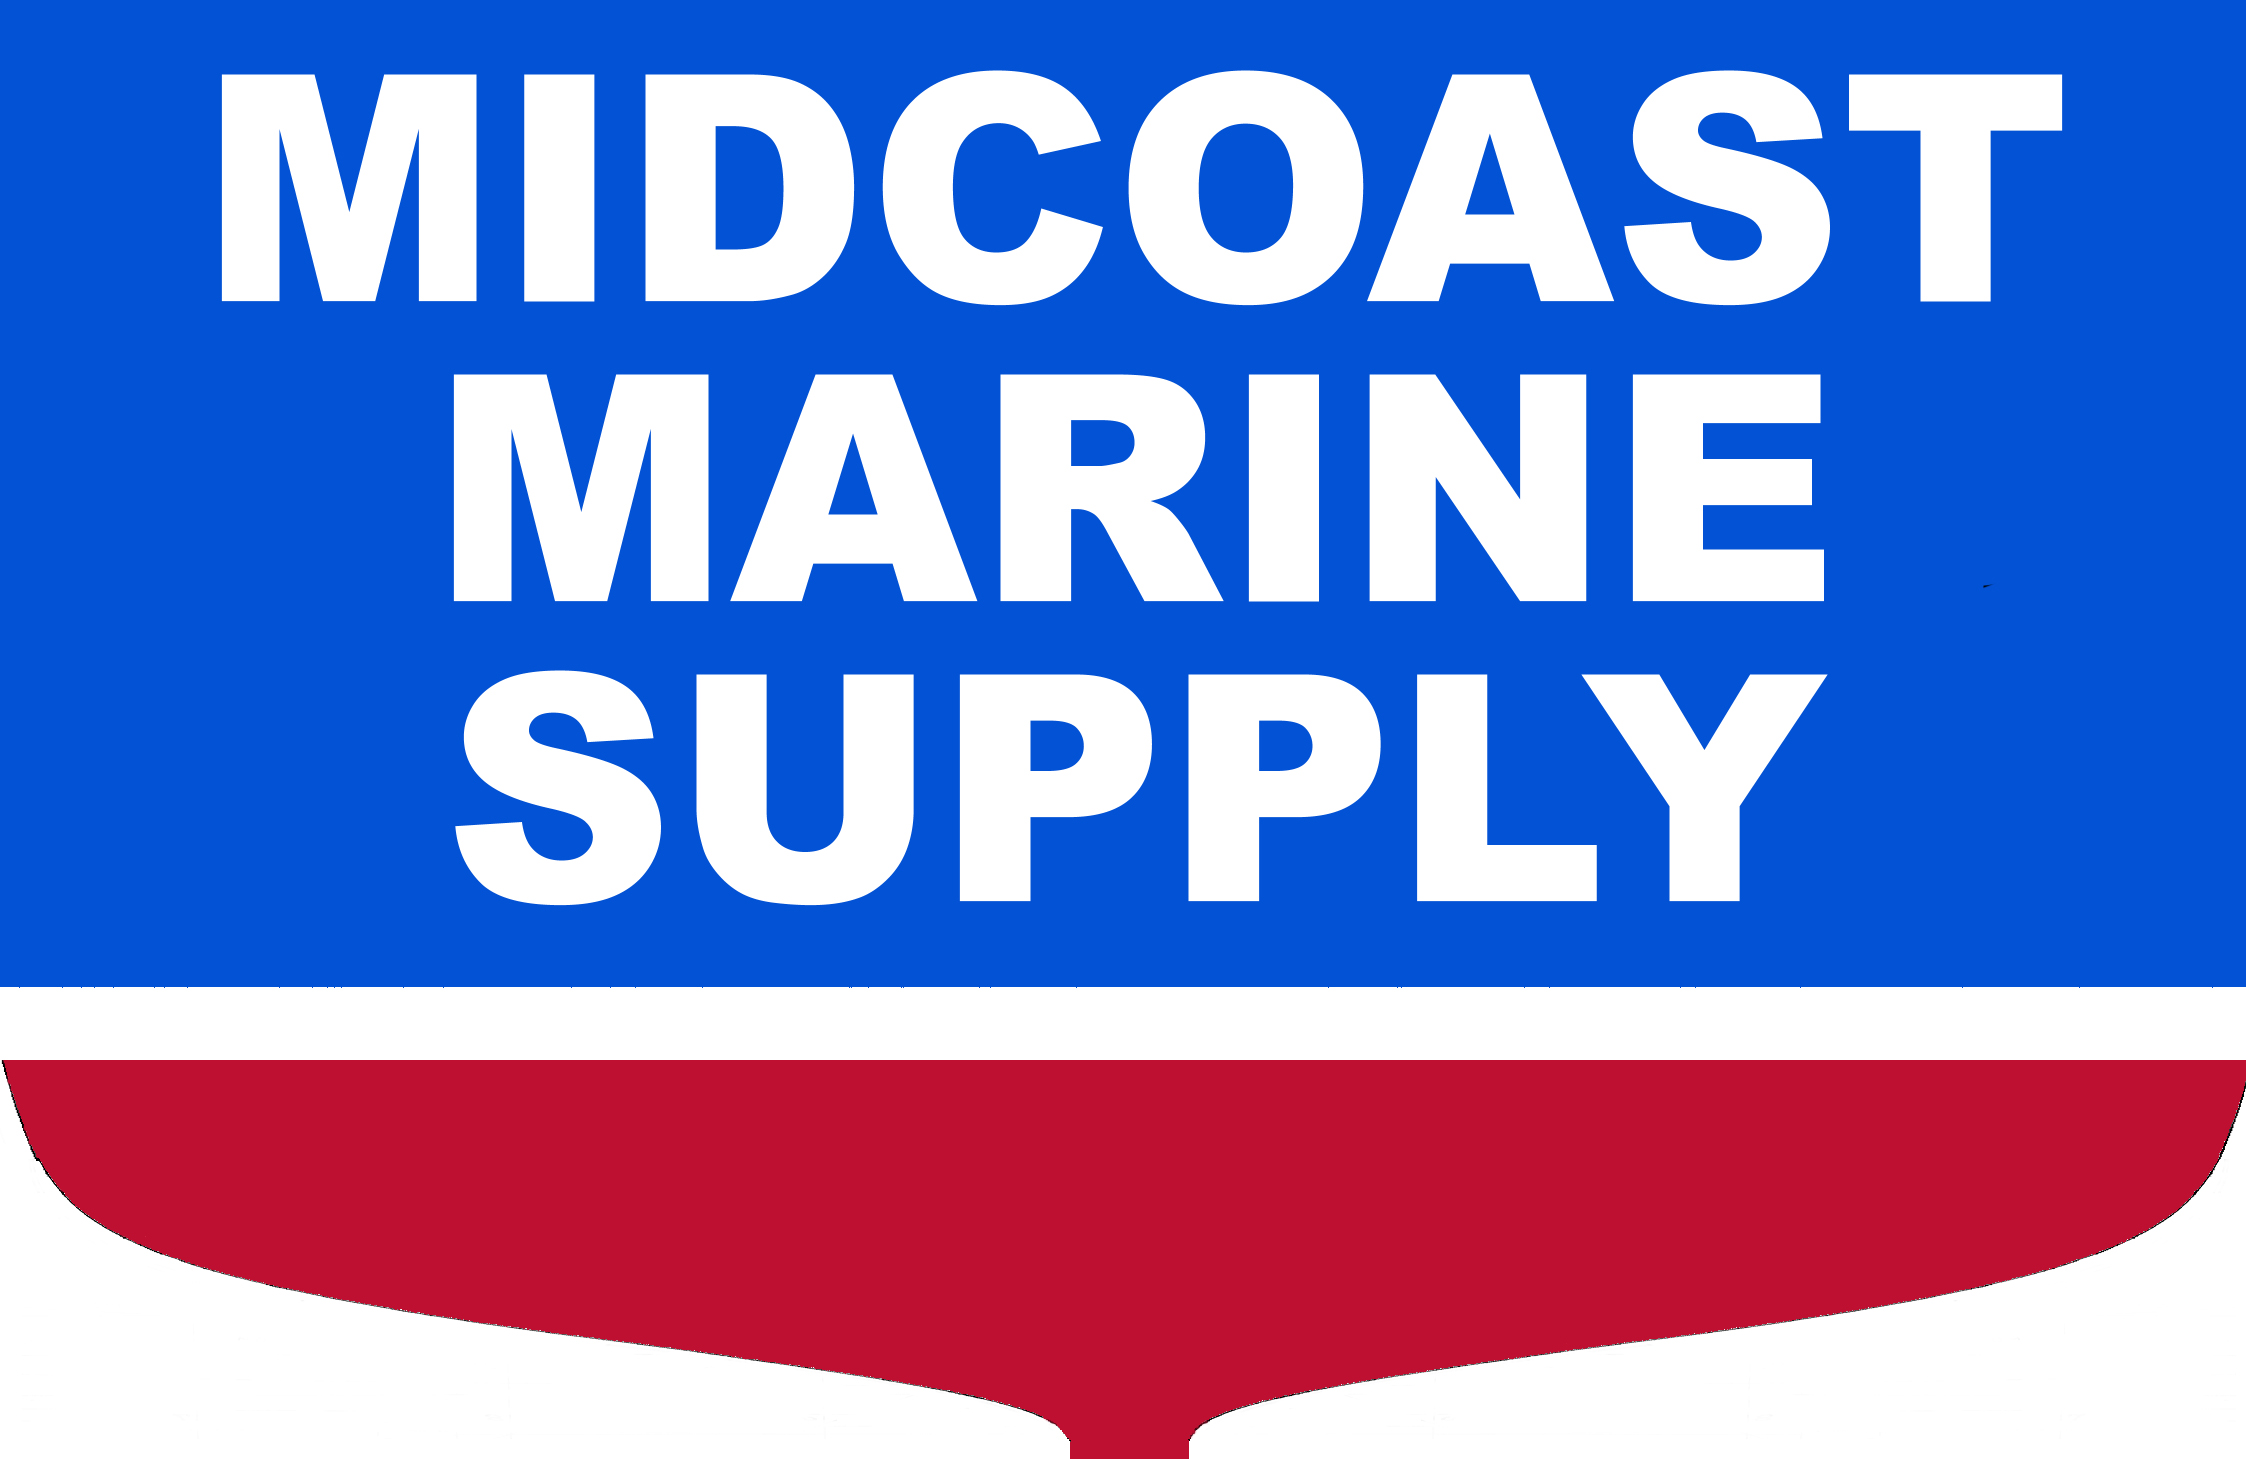 Micoast Marine